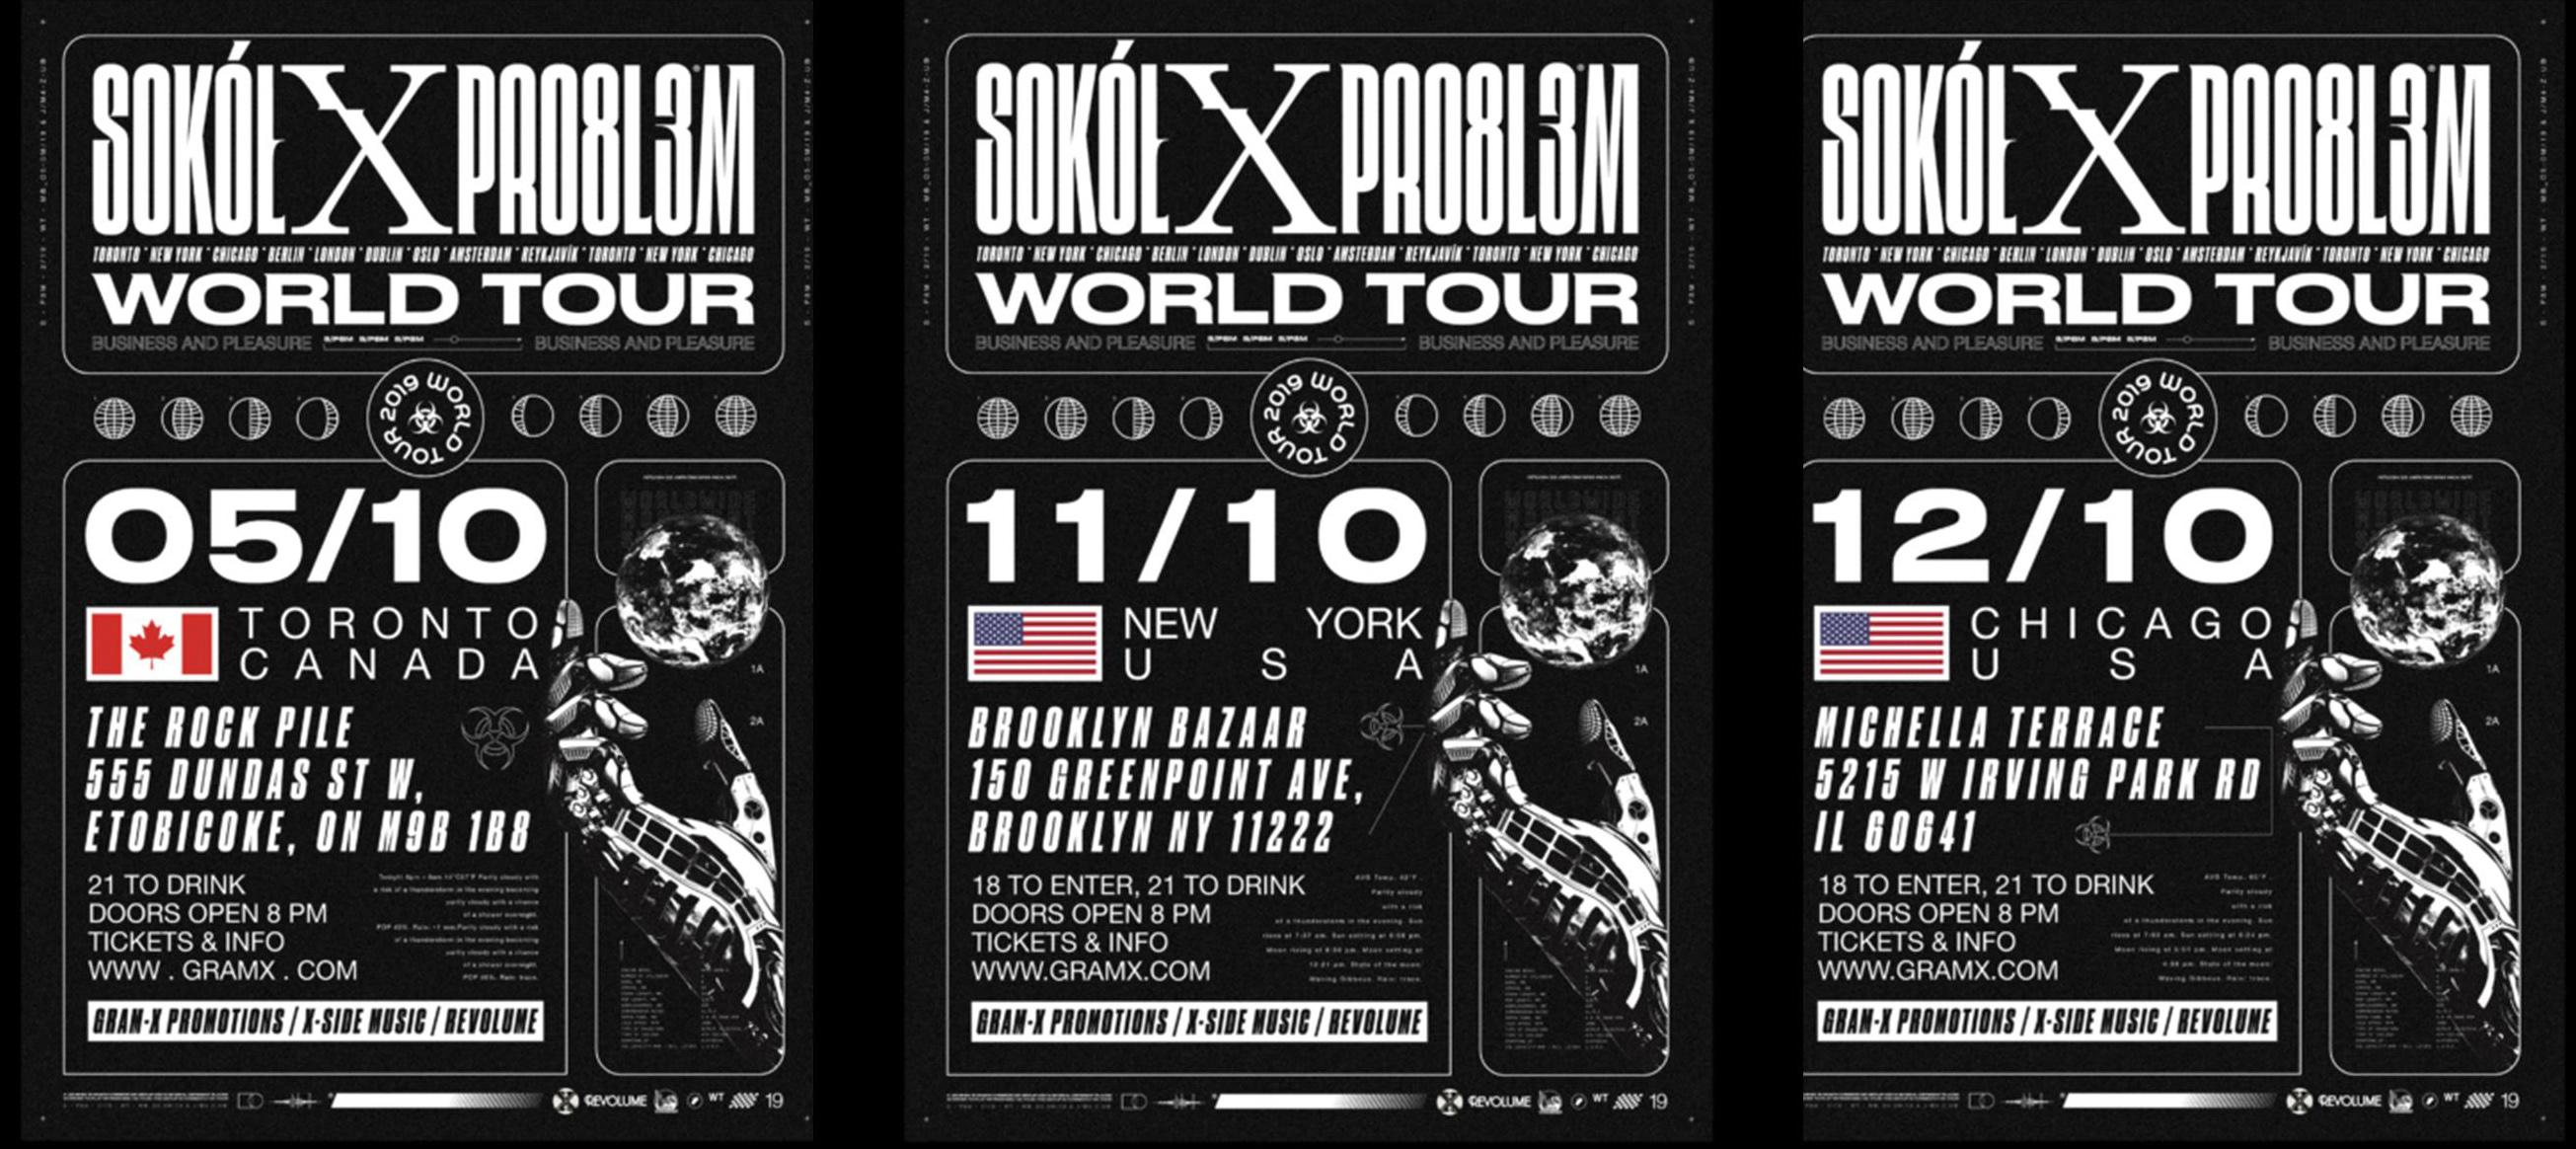 Ogłoszenie darmowe. Lokalizacja:  Toronto/New York/Chicago. IMPREZY - Koncerty muzyczne. World Tour | Sokół x.